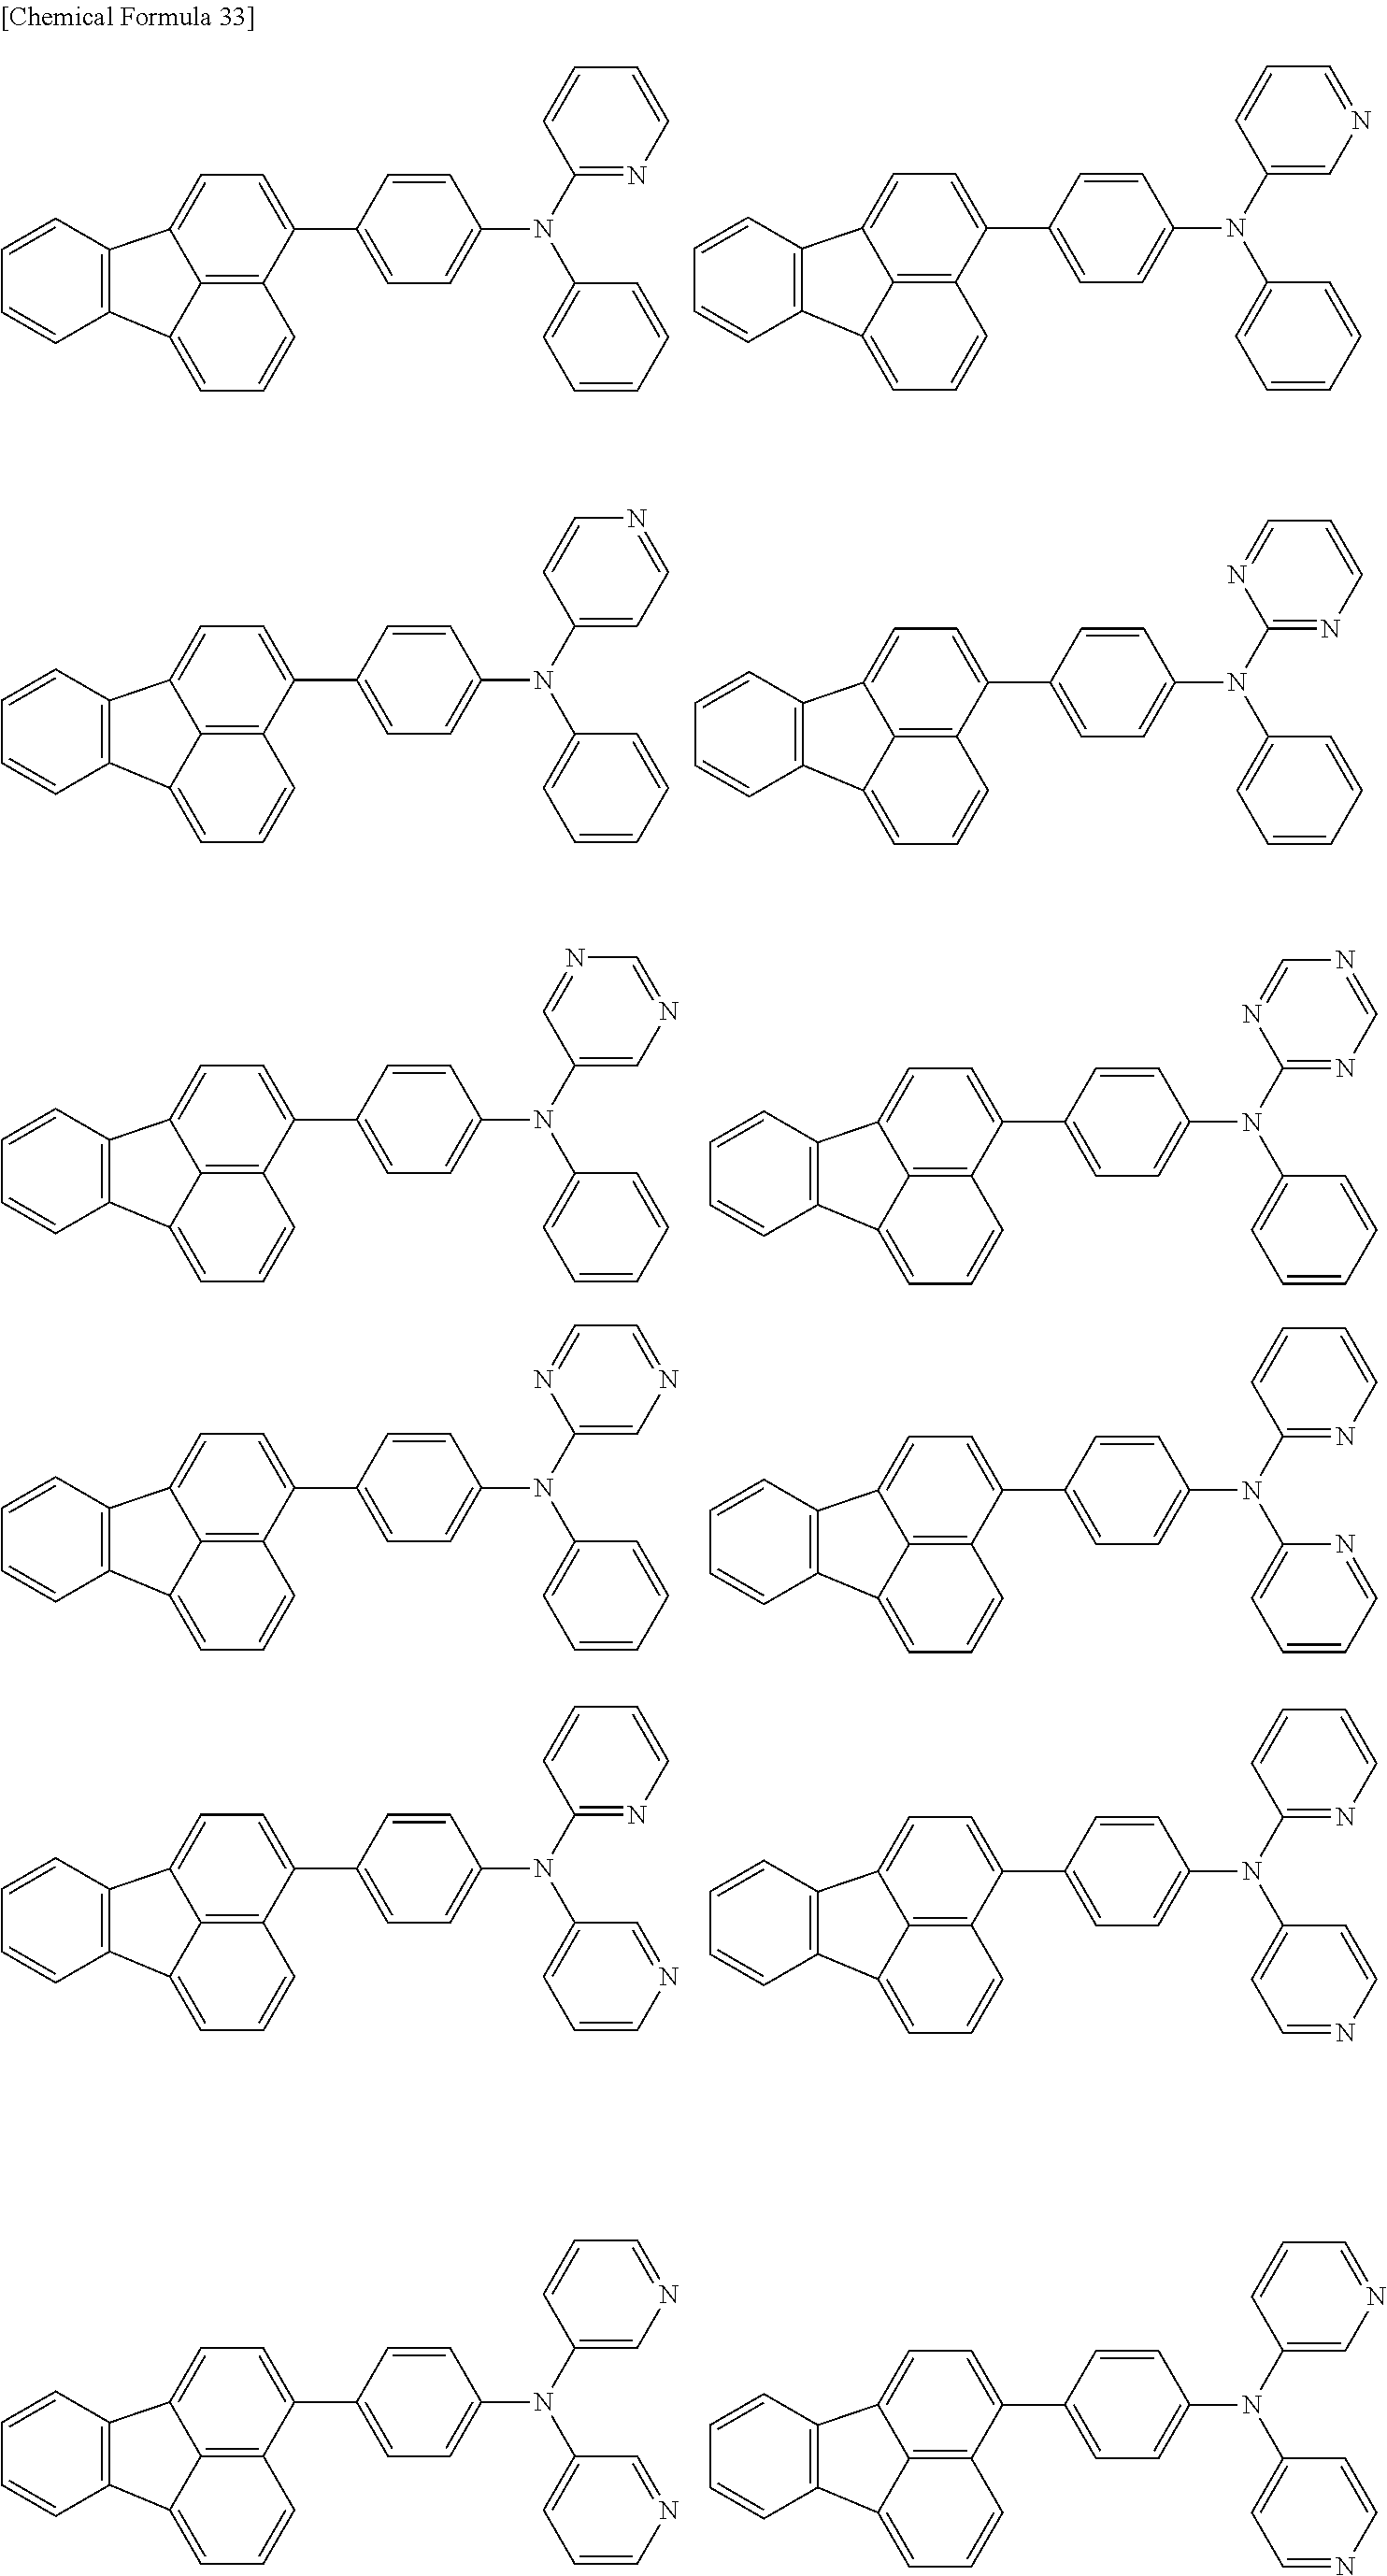 Figure US20150280139A1-20151001-C00085